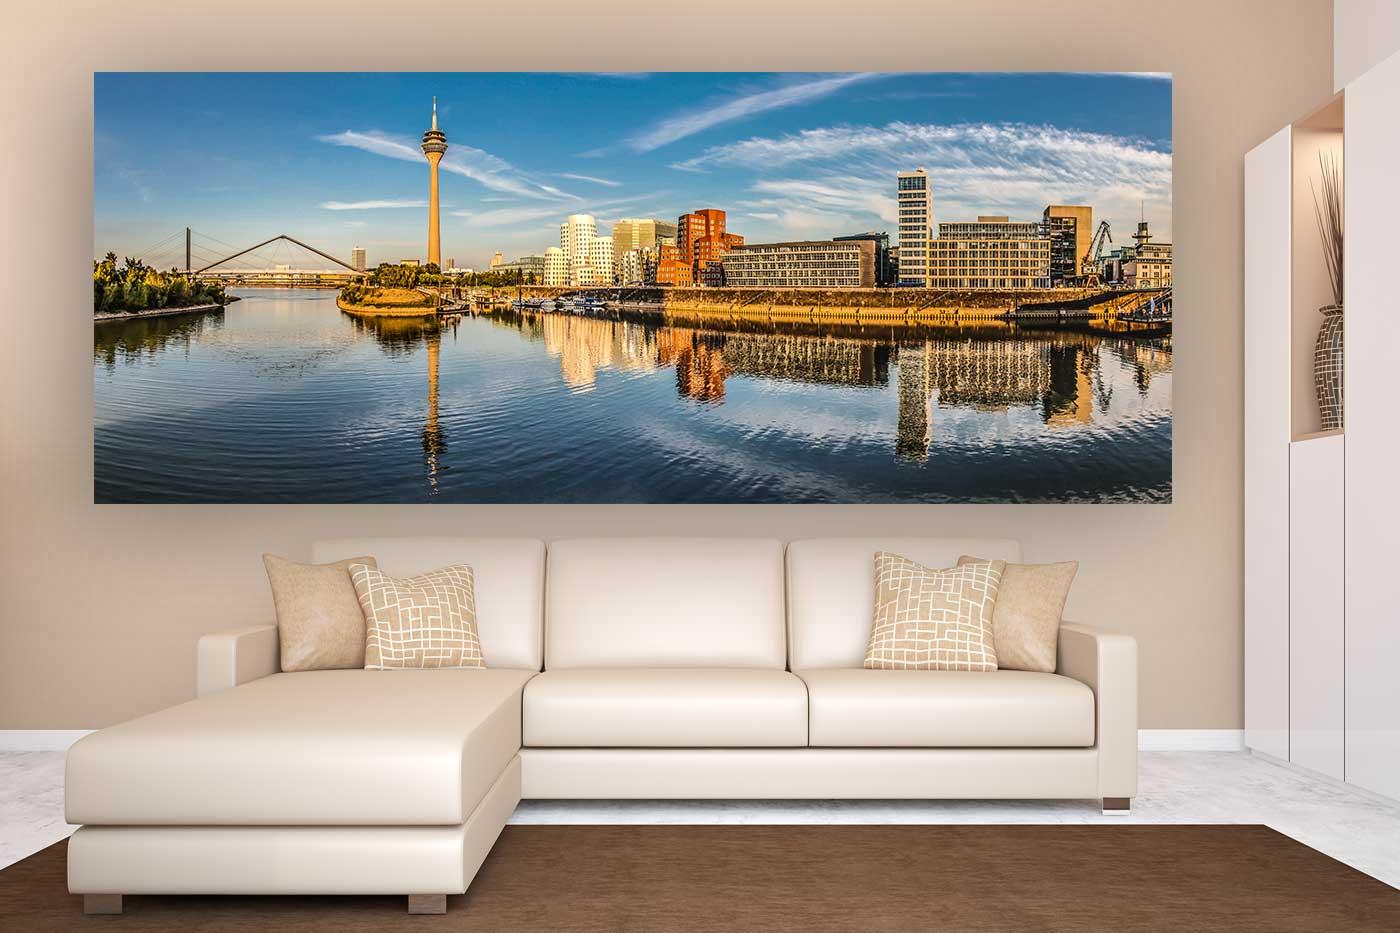 design büros düsseldorf medienhafen panorama bild 180 grad ansichten aus d sseldorf